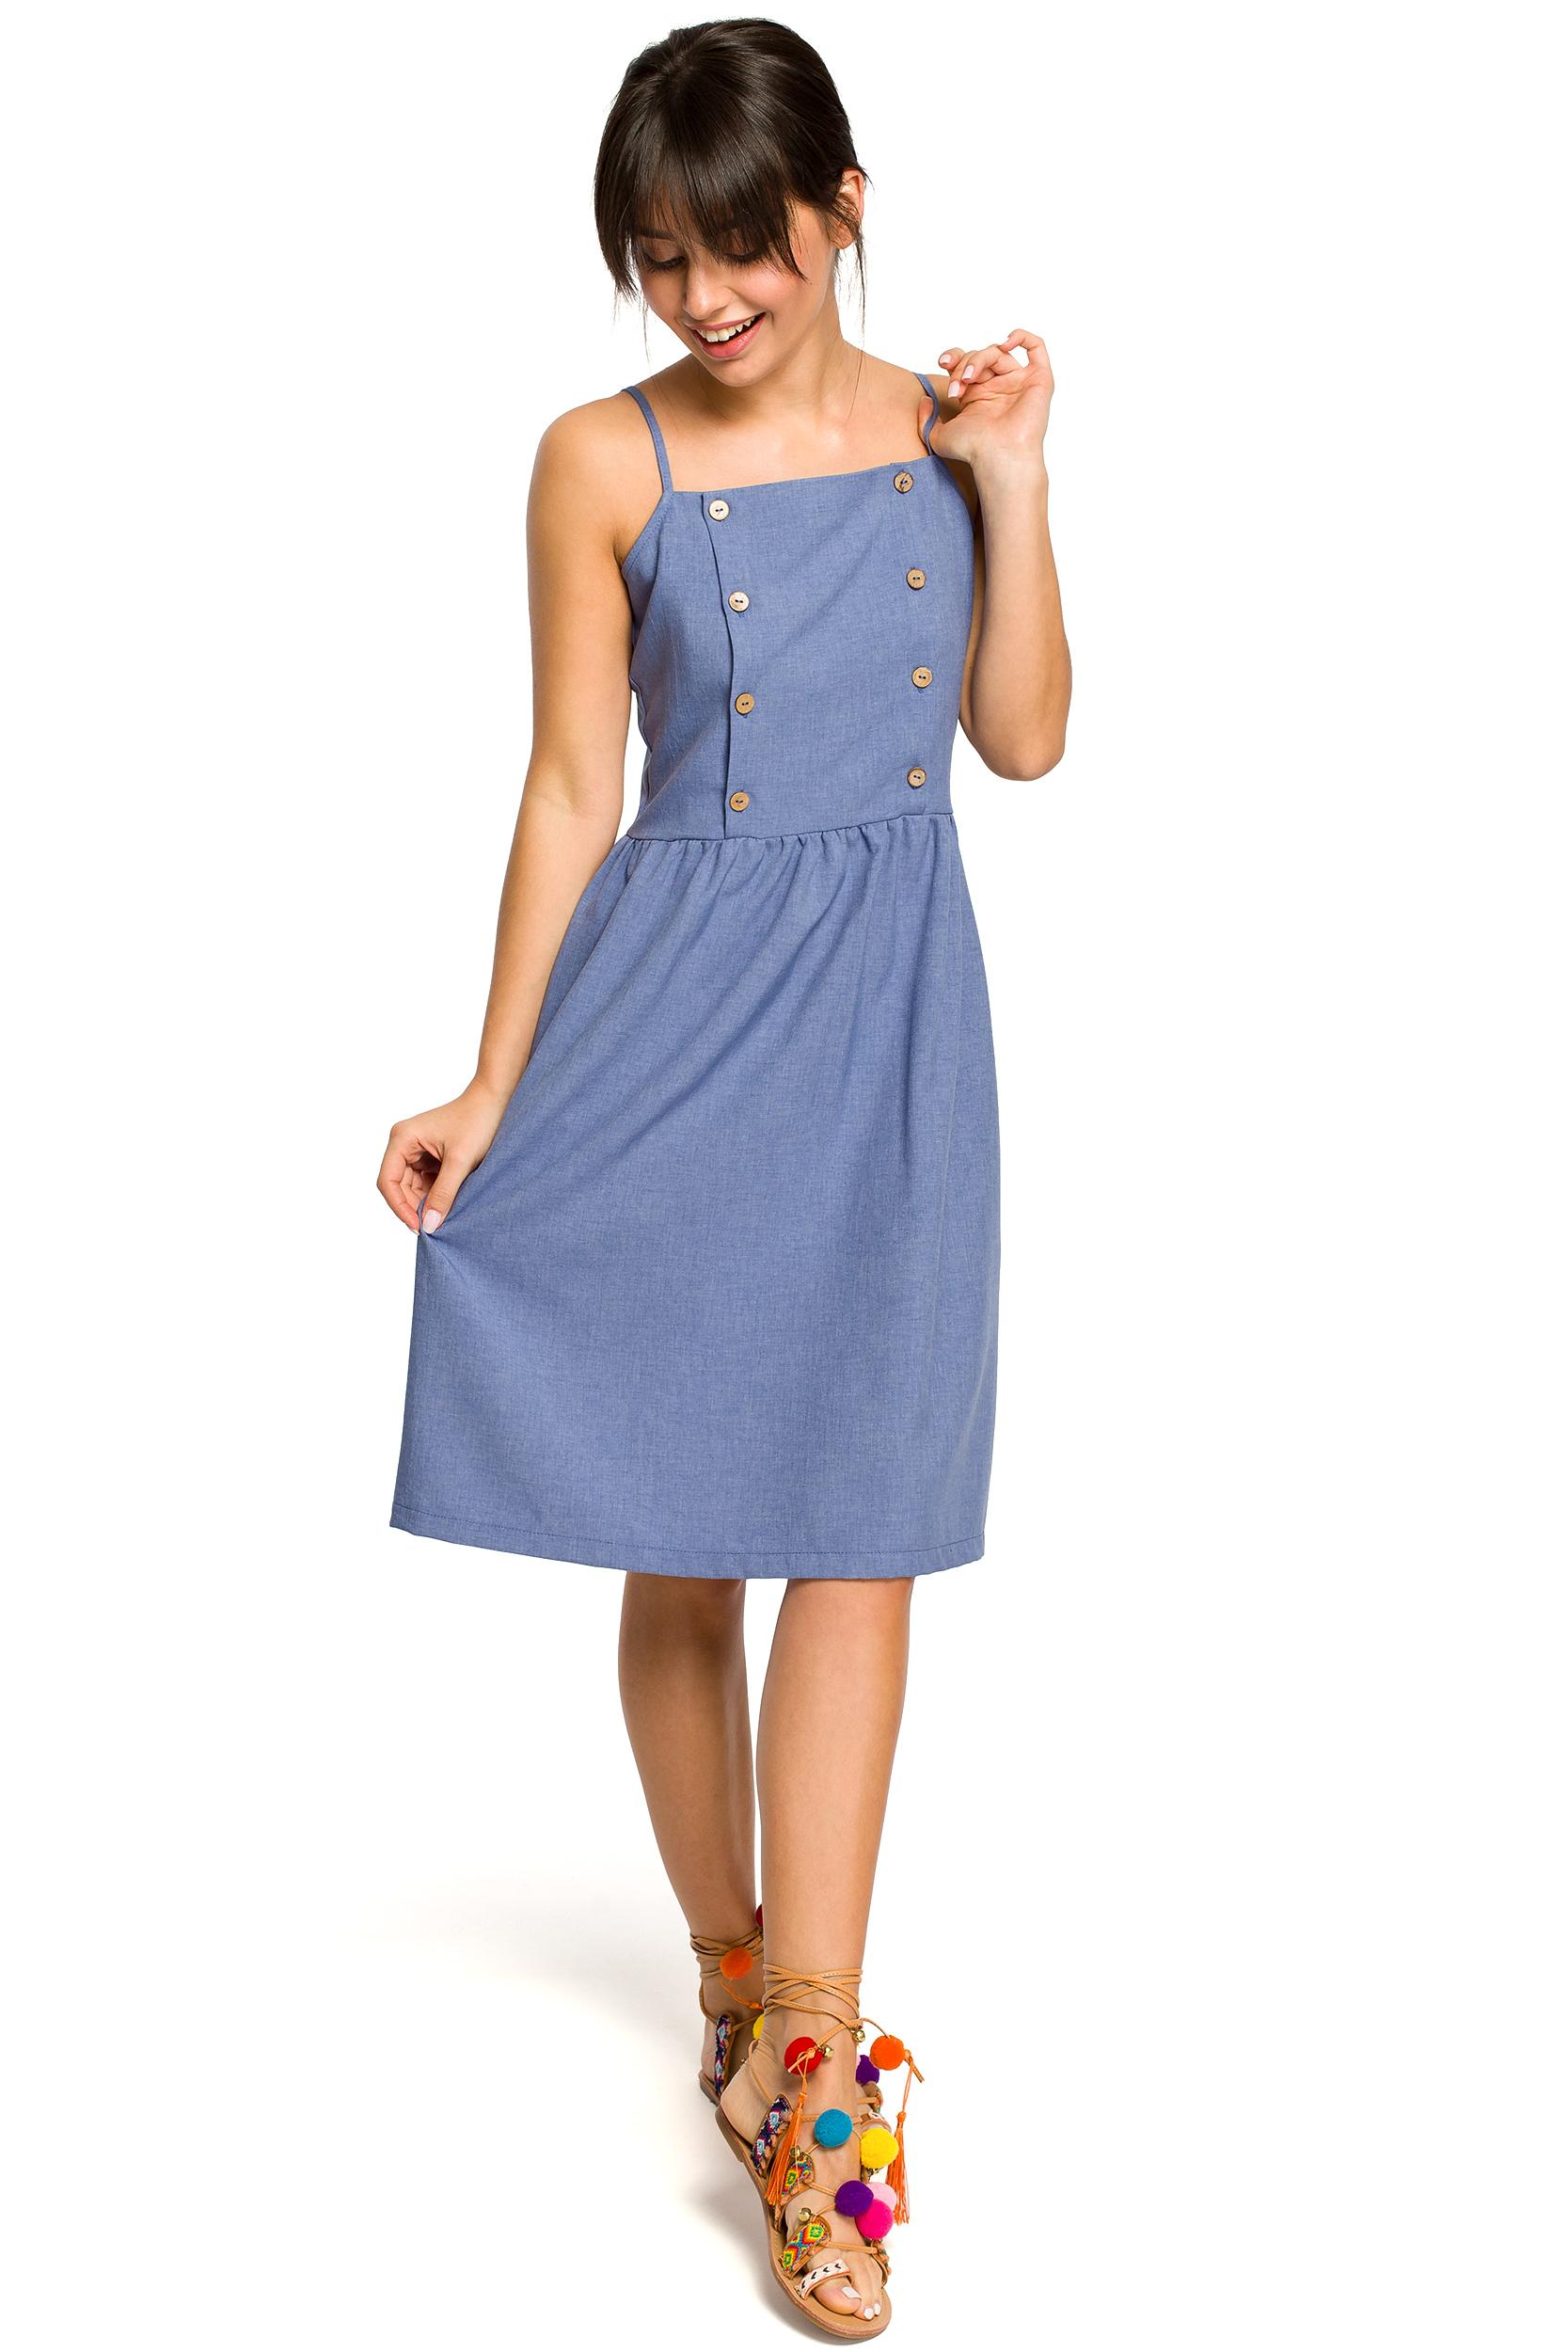 71146fcd15 Sukienka na ramiączkach za kolano niebieska - tani kurier już od 5